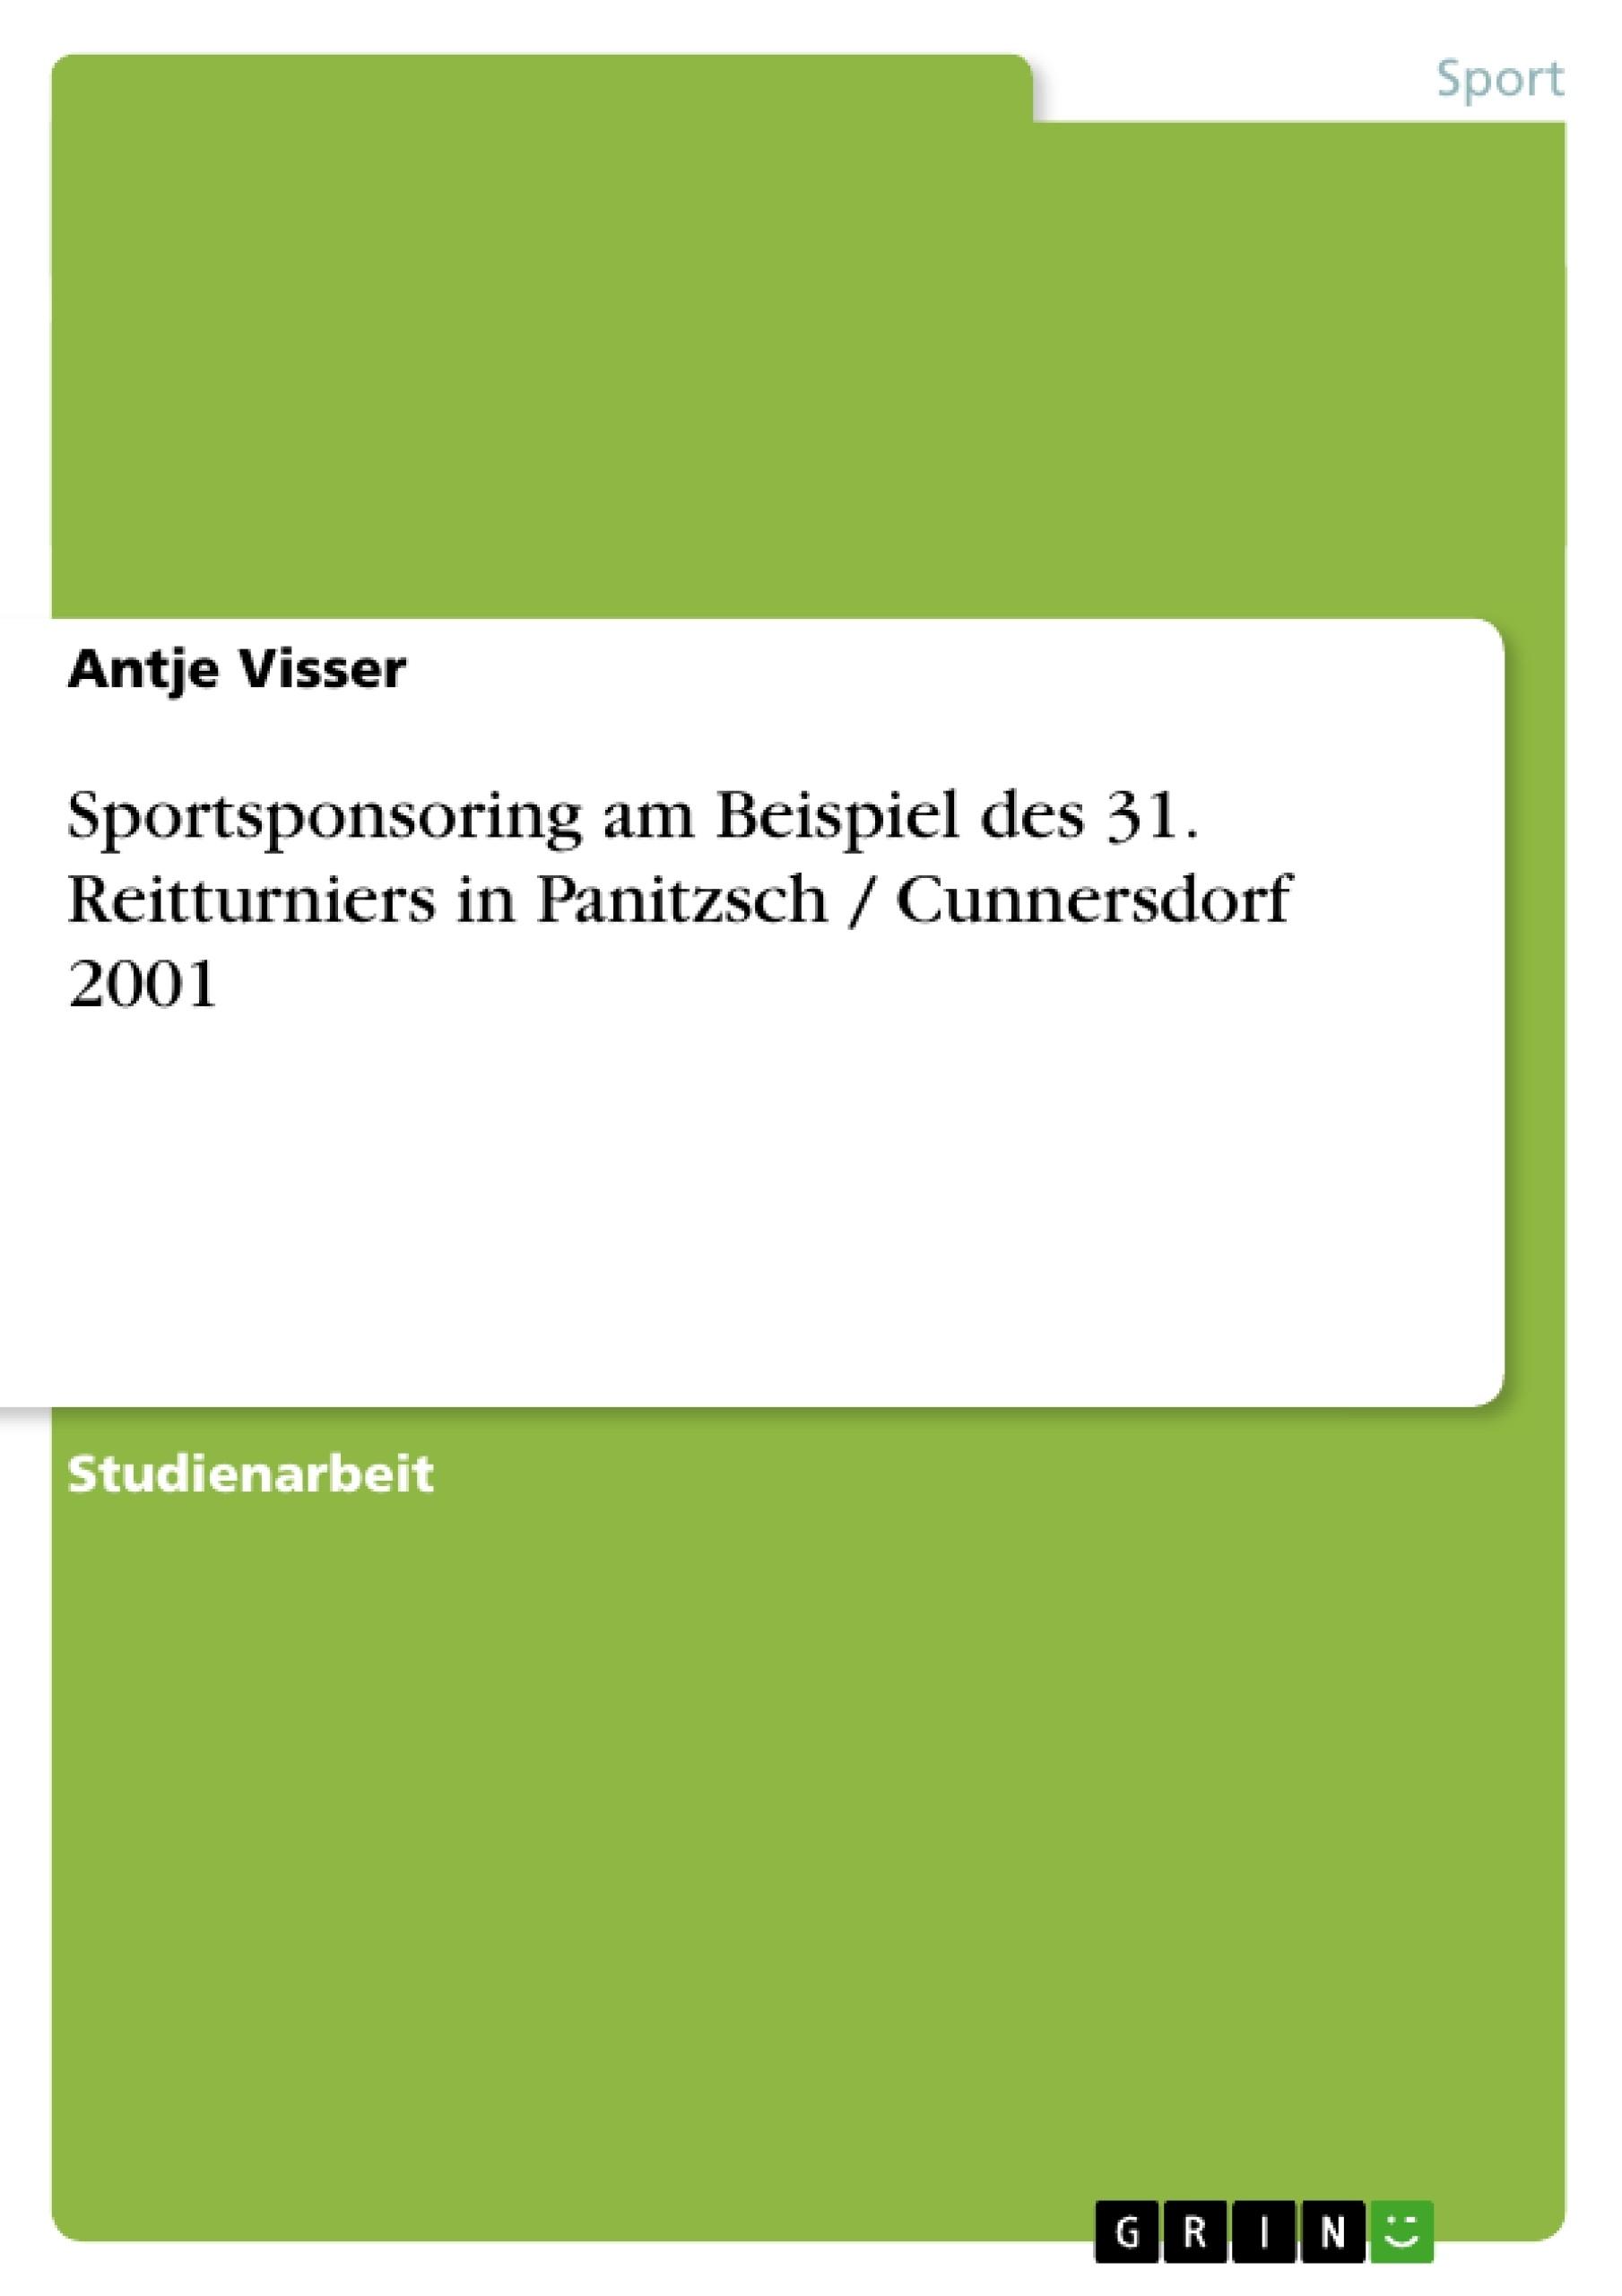 Titel: Sportsponsoring am Beispiel des 31. Reitturniers in Panitzsch / Cunnersdorf 2001